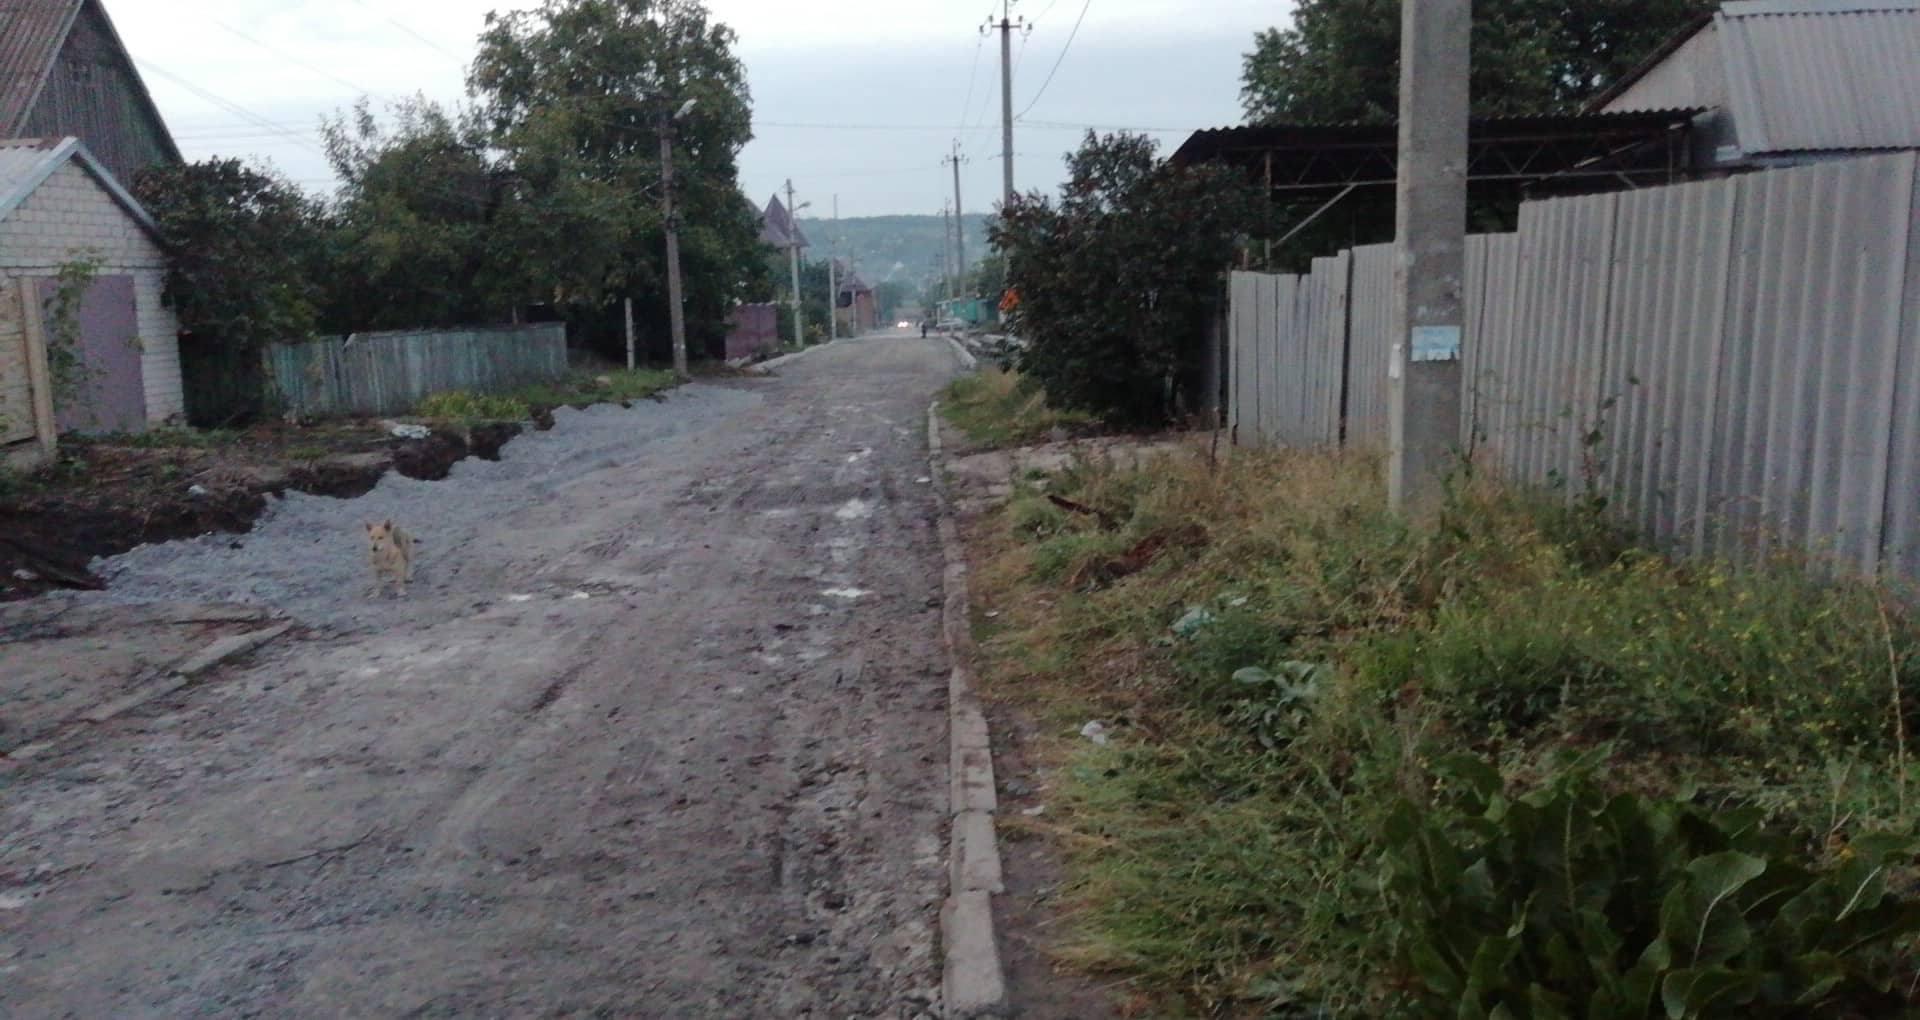 Випросили: прохання мешканців Запоріжжя відлагодити дорогу закінчилося плачевно